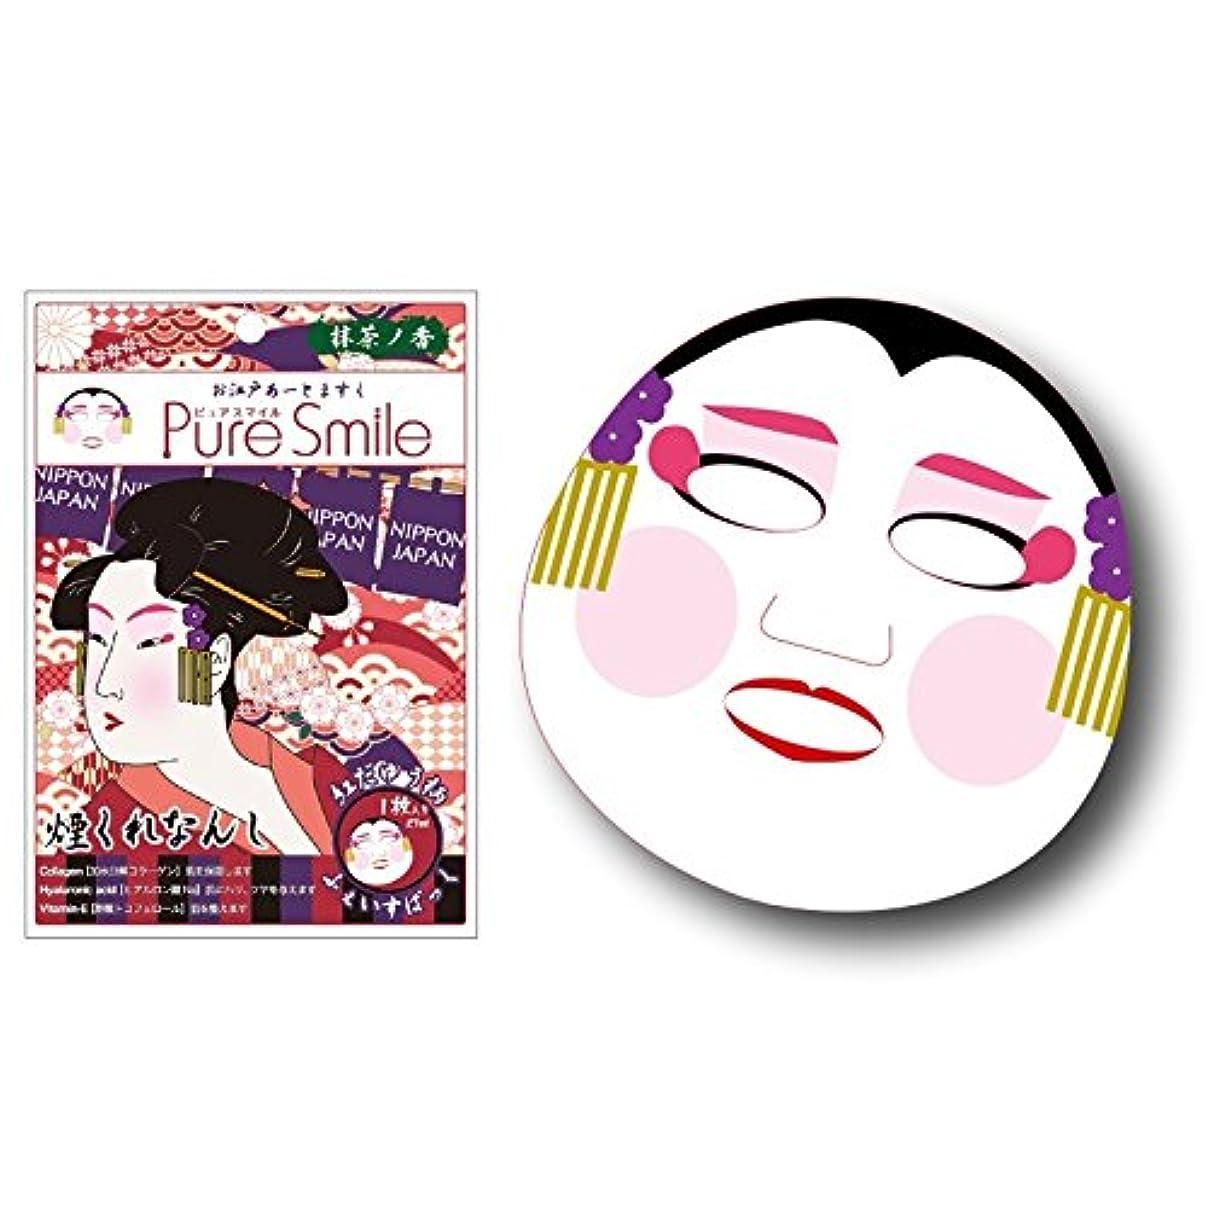 Pure Smile お江戸アートマスク (紅だゆう)